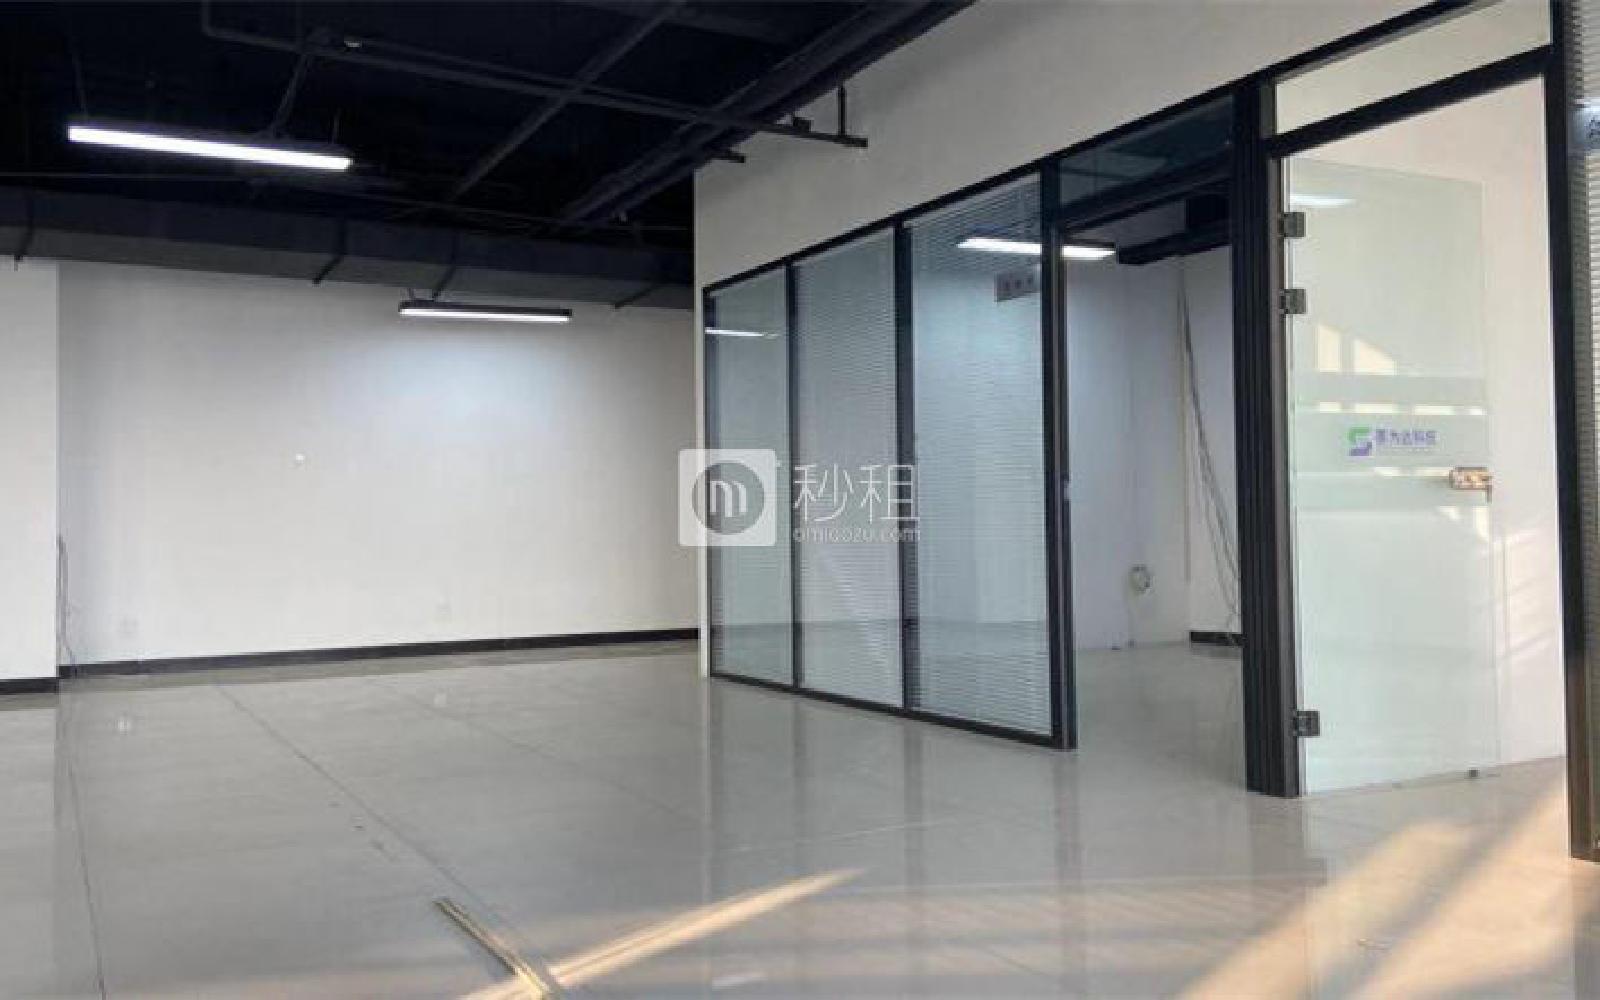 龙冠商务中心银座-乐邦乐成创业基地写字楼出租285平米简装办公室5.2元/m².天